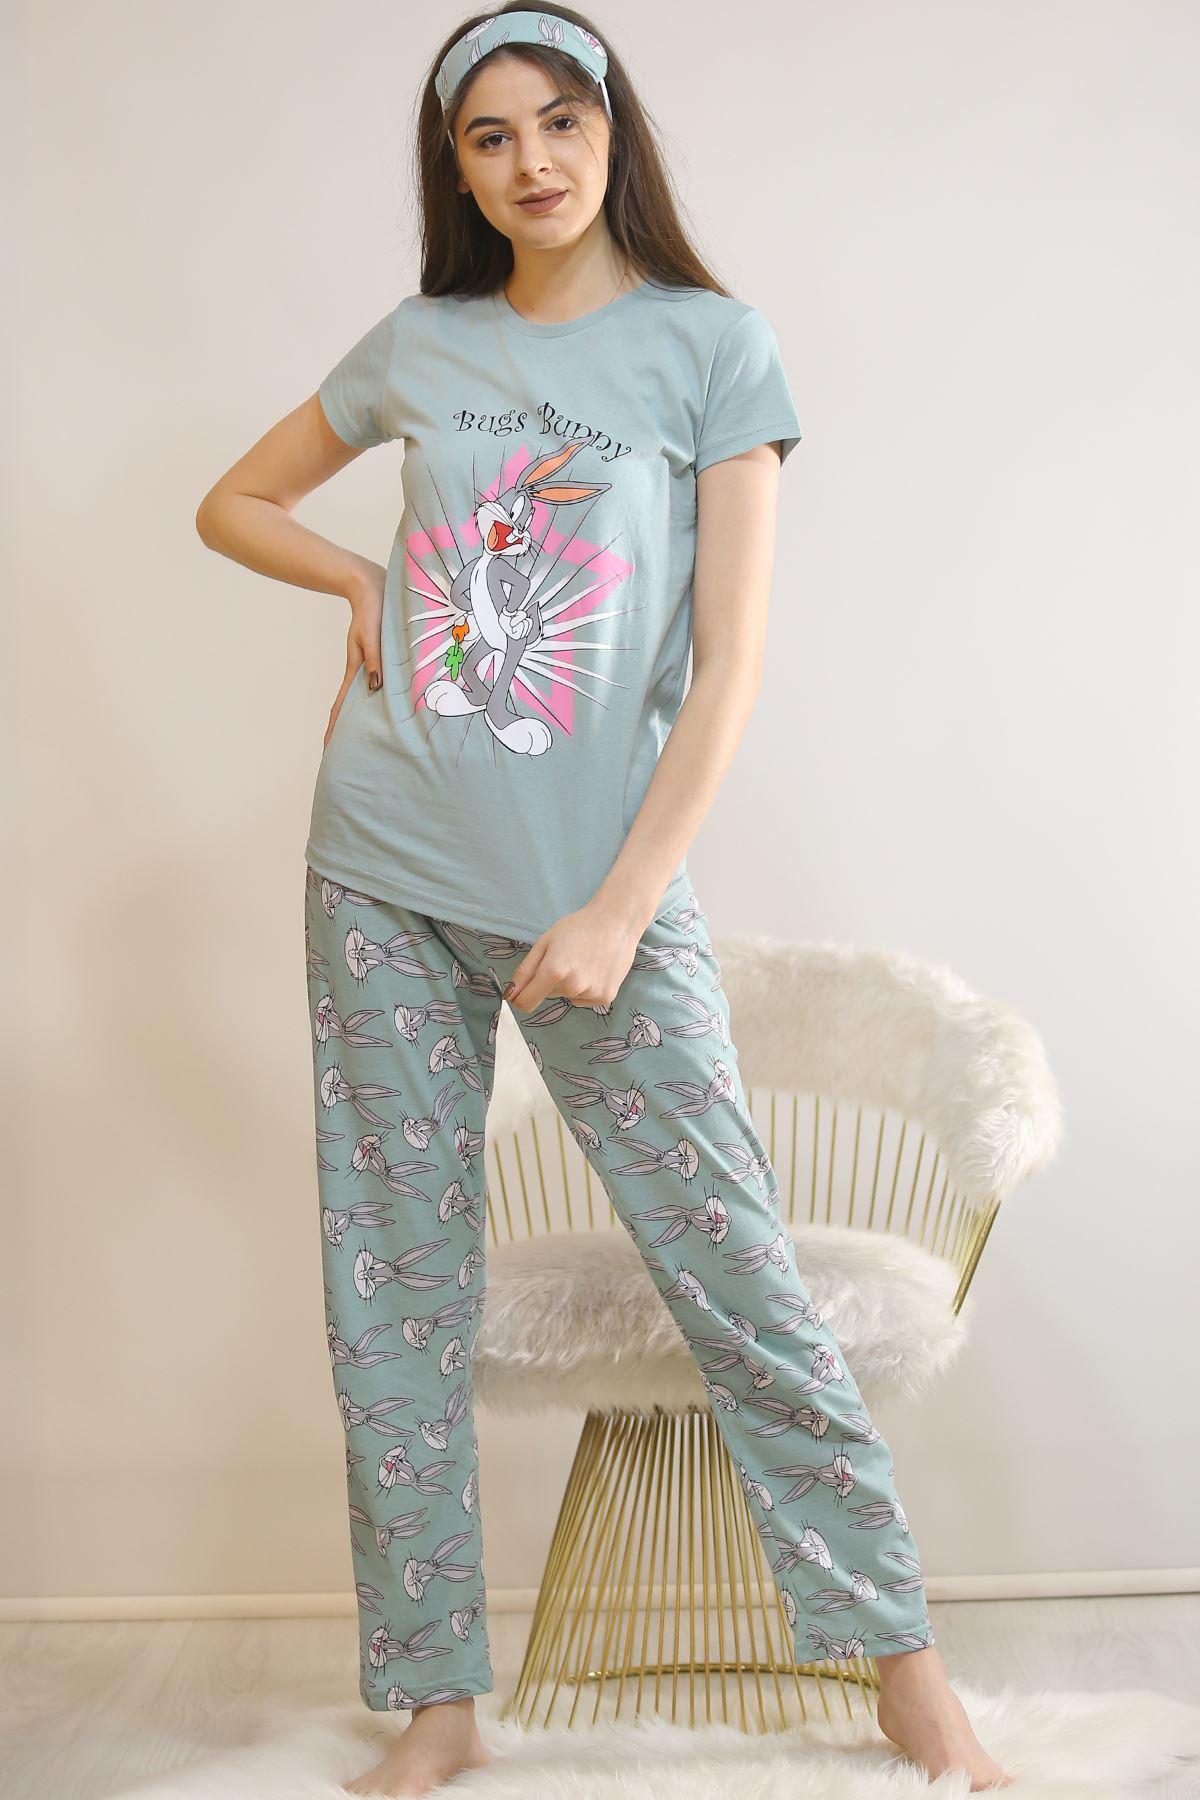 Baskılı Pijama Takımı Mint - 21879.1059.